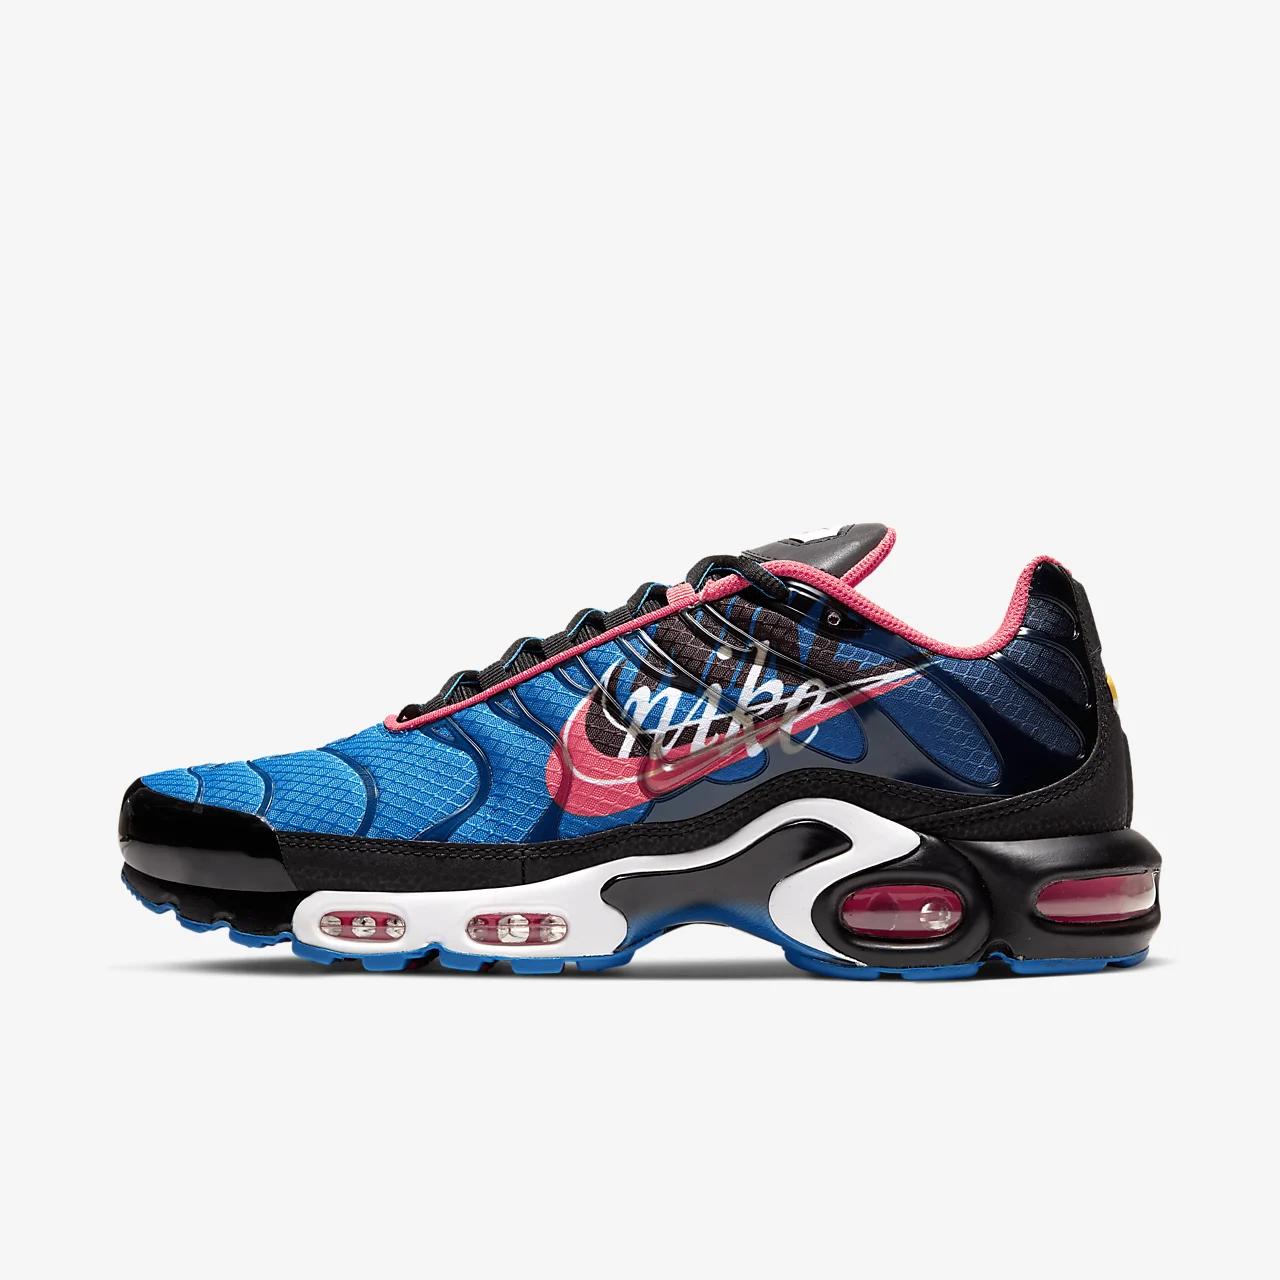 유럽직배송 나이키 NIKE Nike Air Max Plus Men's Shoe CT1618-400